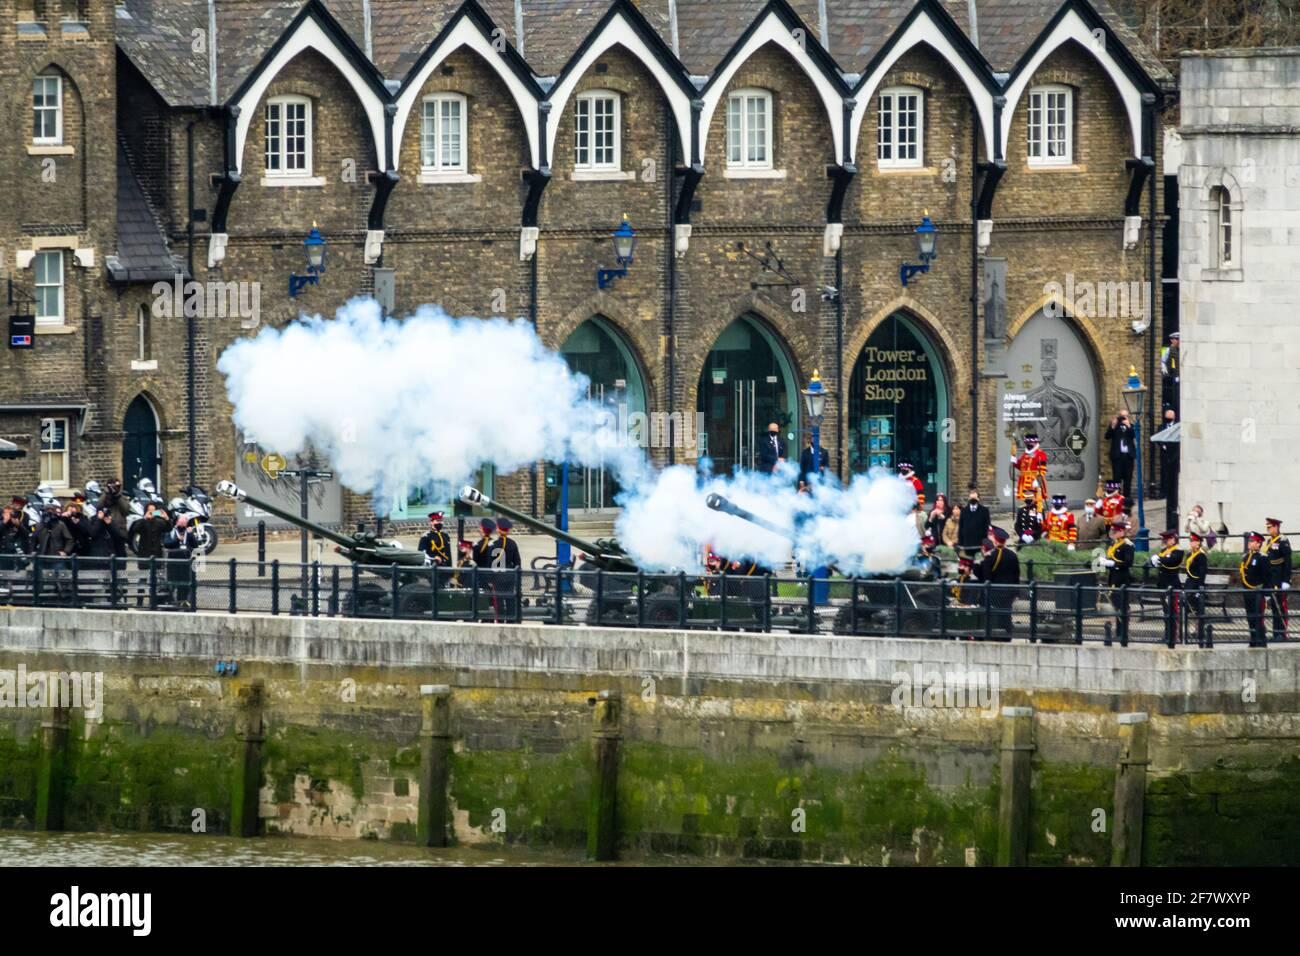 Londres, 10th de abril de 2021. 41 Gun saludo de la Honorable Artillería Company en la Torre de Londres para conmemorar la muerte de S.A.R. el Príncipe Felipe, Duque de Edimburgo. Crédito: Bradley Taylor / Alamy Live News Foto de stock